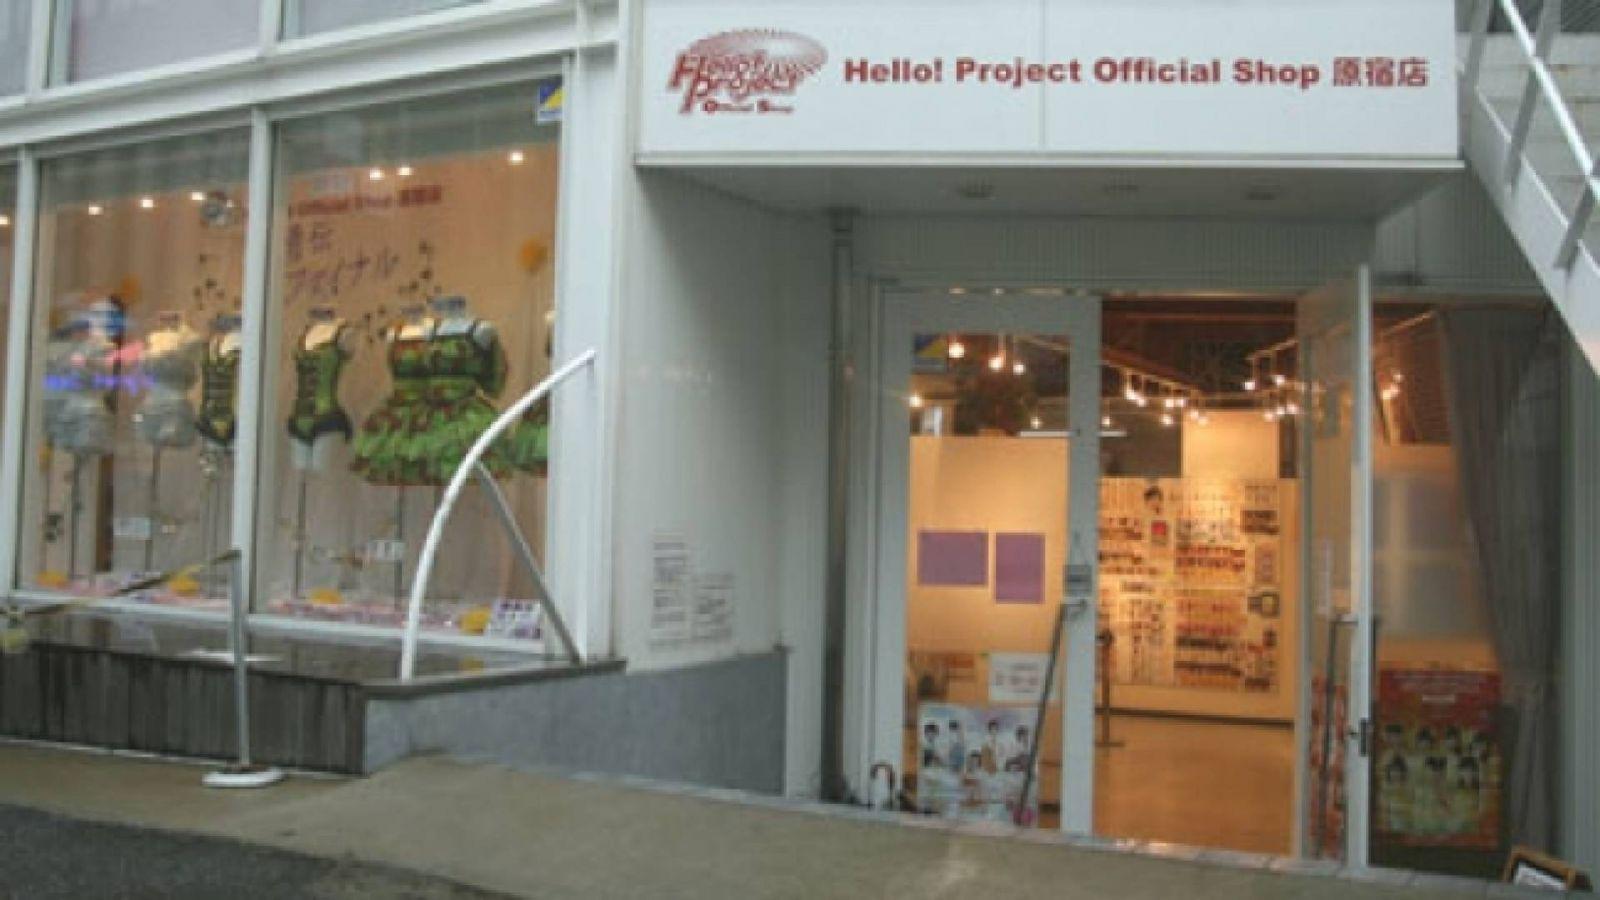 Presentación de Tienda Oficial de Hello! Project Official en Harajuku © 2008 UP-FRONT AGENCY - JaME - Philippe Hayot